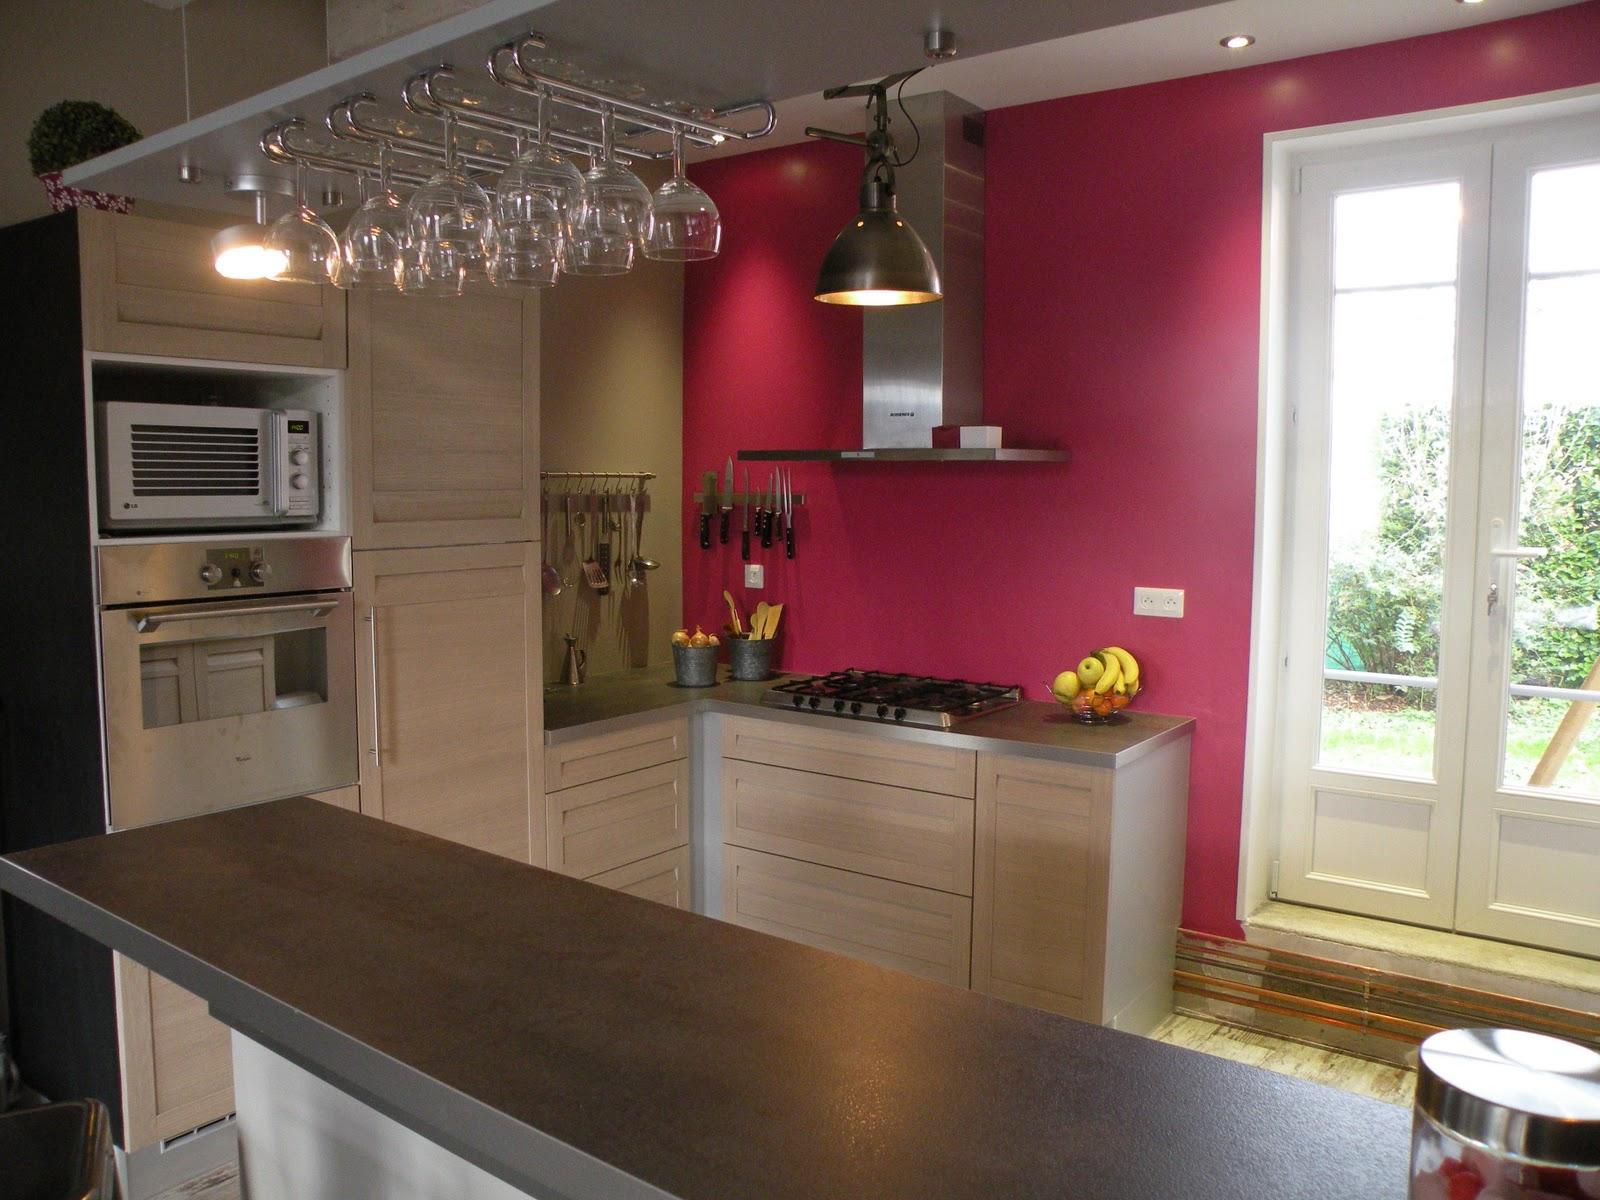 Carrelage beige couleur mur maison et mobilier - Couleur carrelage cuisine ...